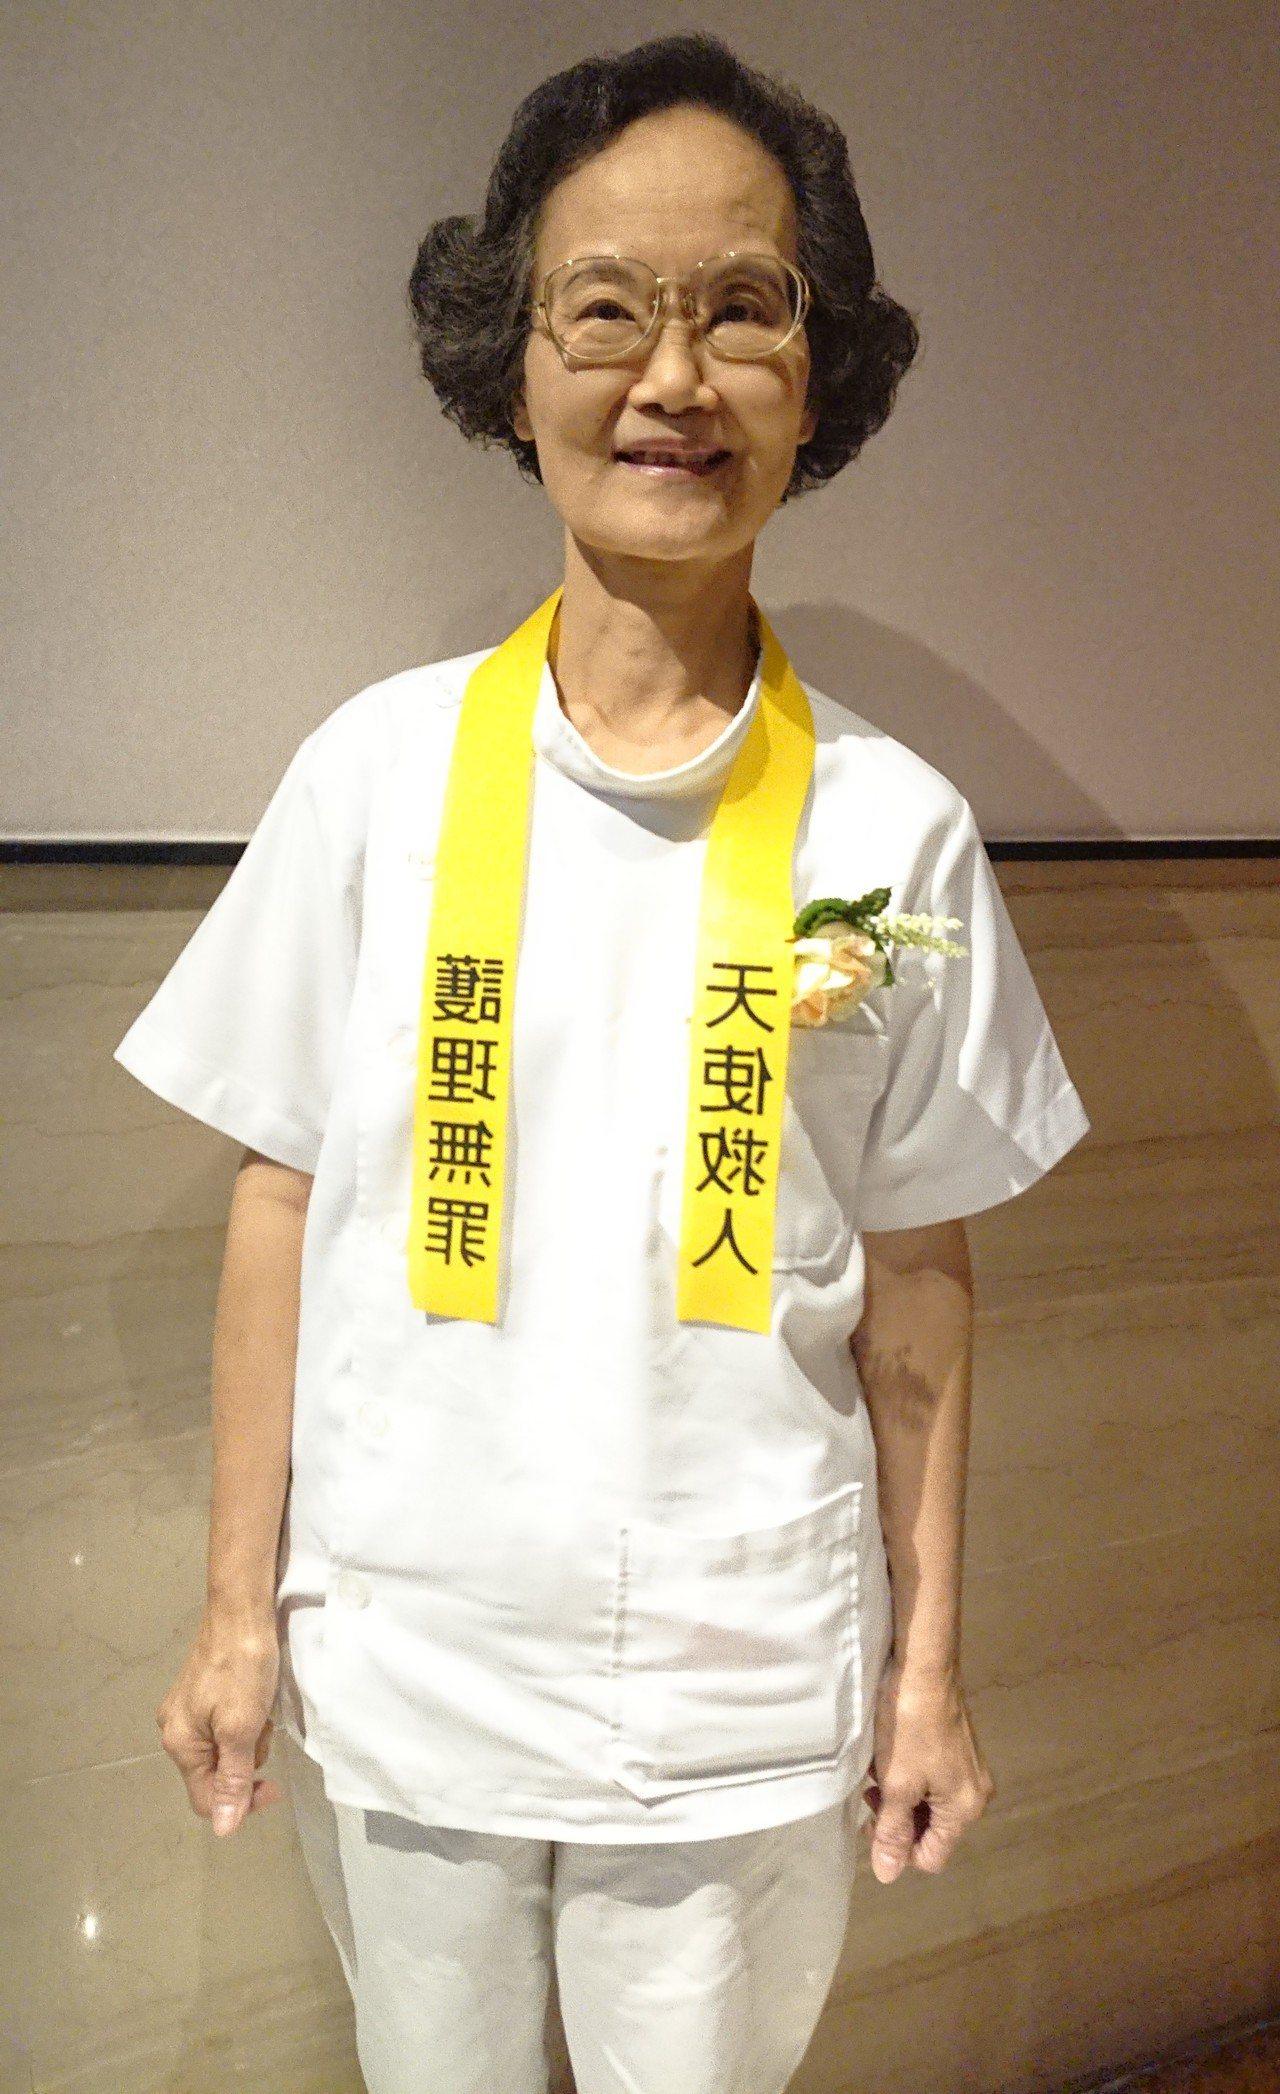 高齡70歲的吳金梅從事護理工作長達45年,面對醫病關係改變,她常教育新進護理人員...